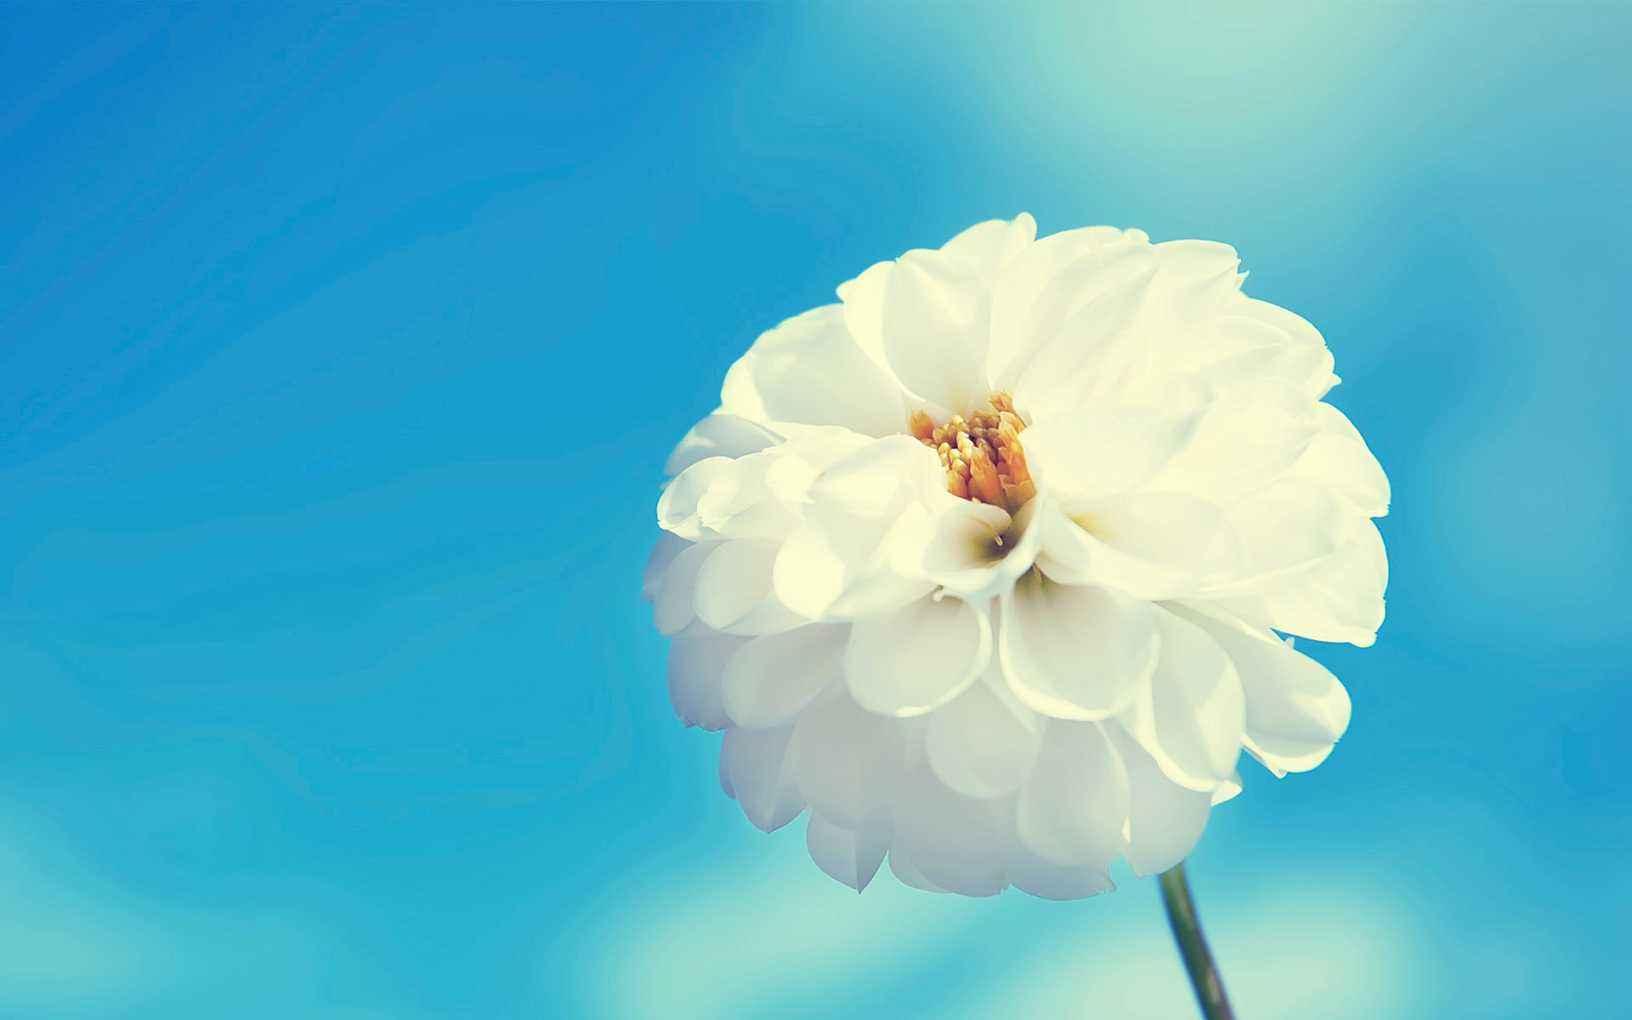 坚持梦想的正能量句子:不管往什么方向的努力都不会白费